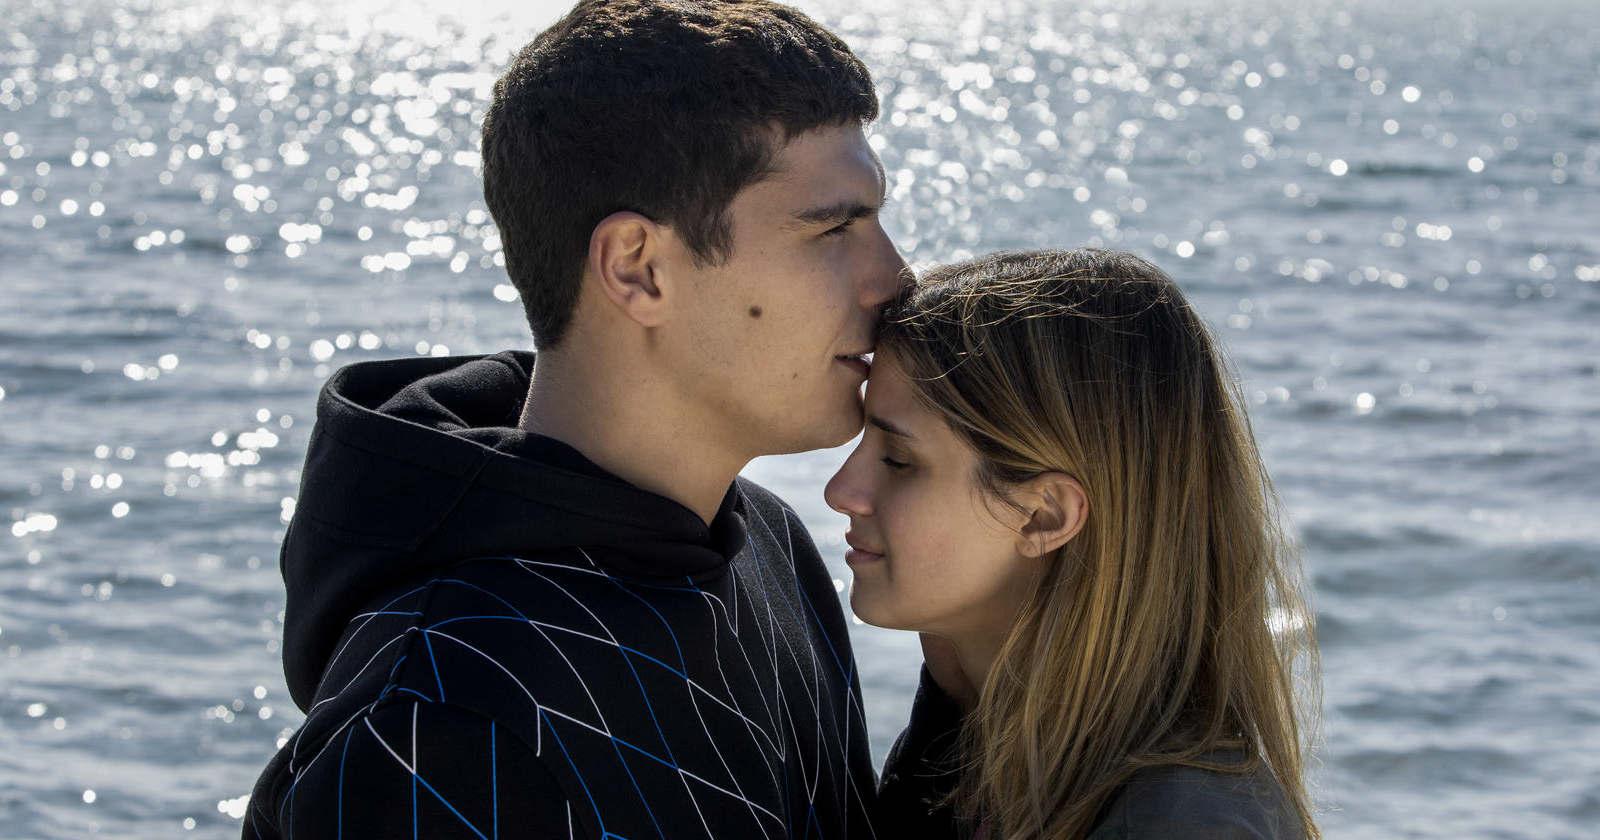 Serie italiana Baby se despide con su tercera temporada